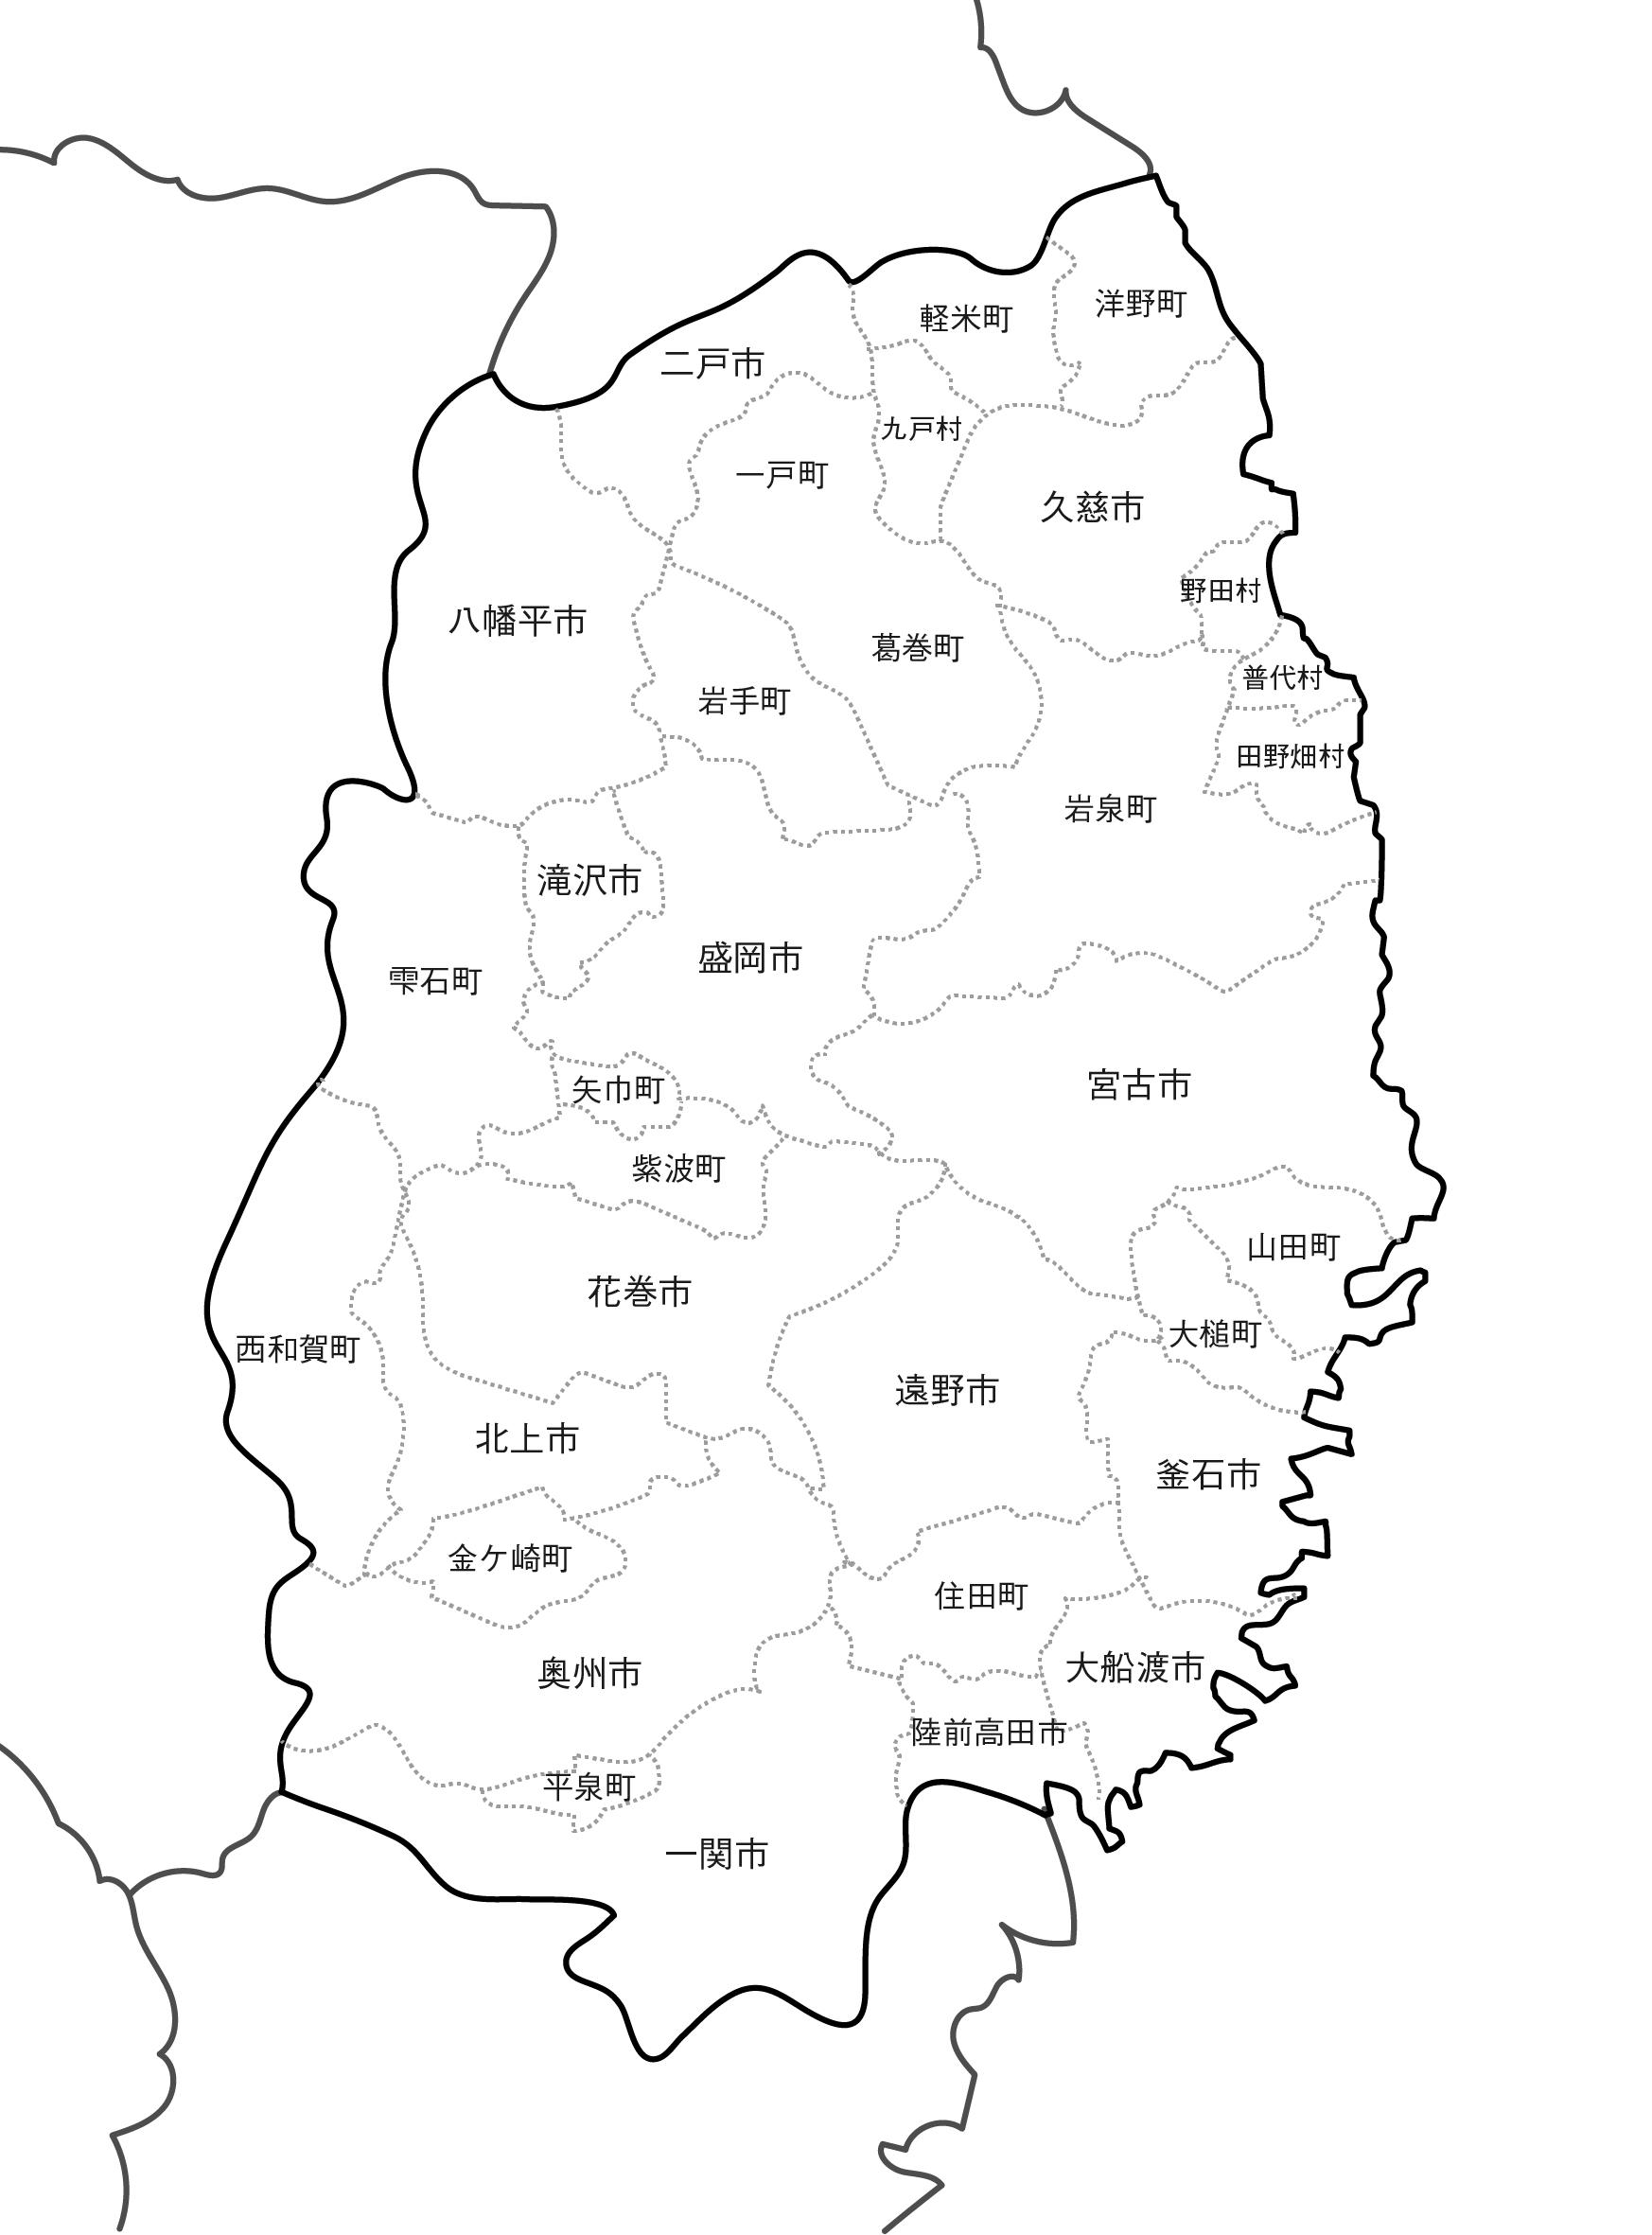 [白地図]岩手県・ラインあり・市区町村名あり・隣県あり